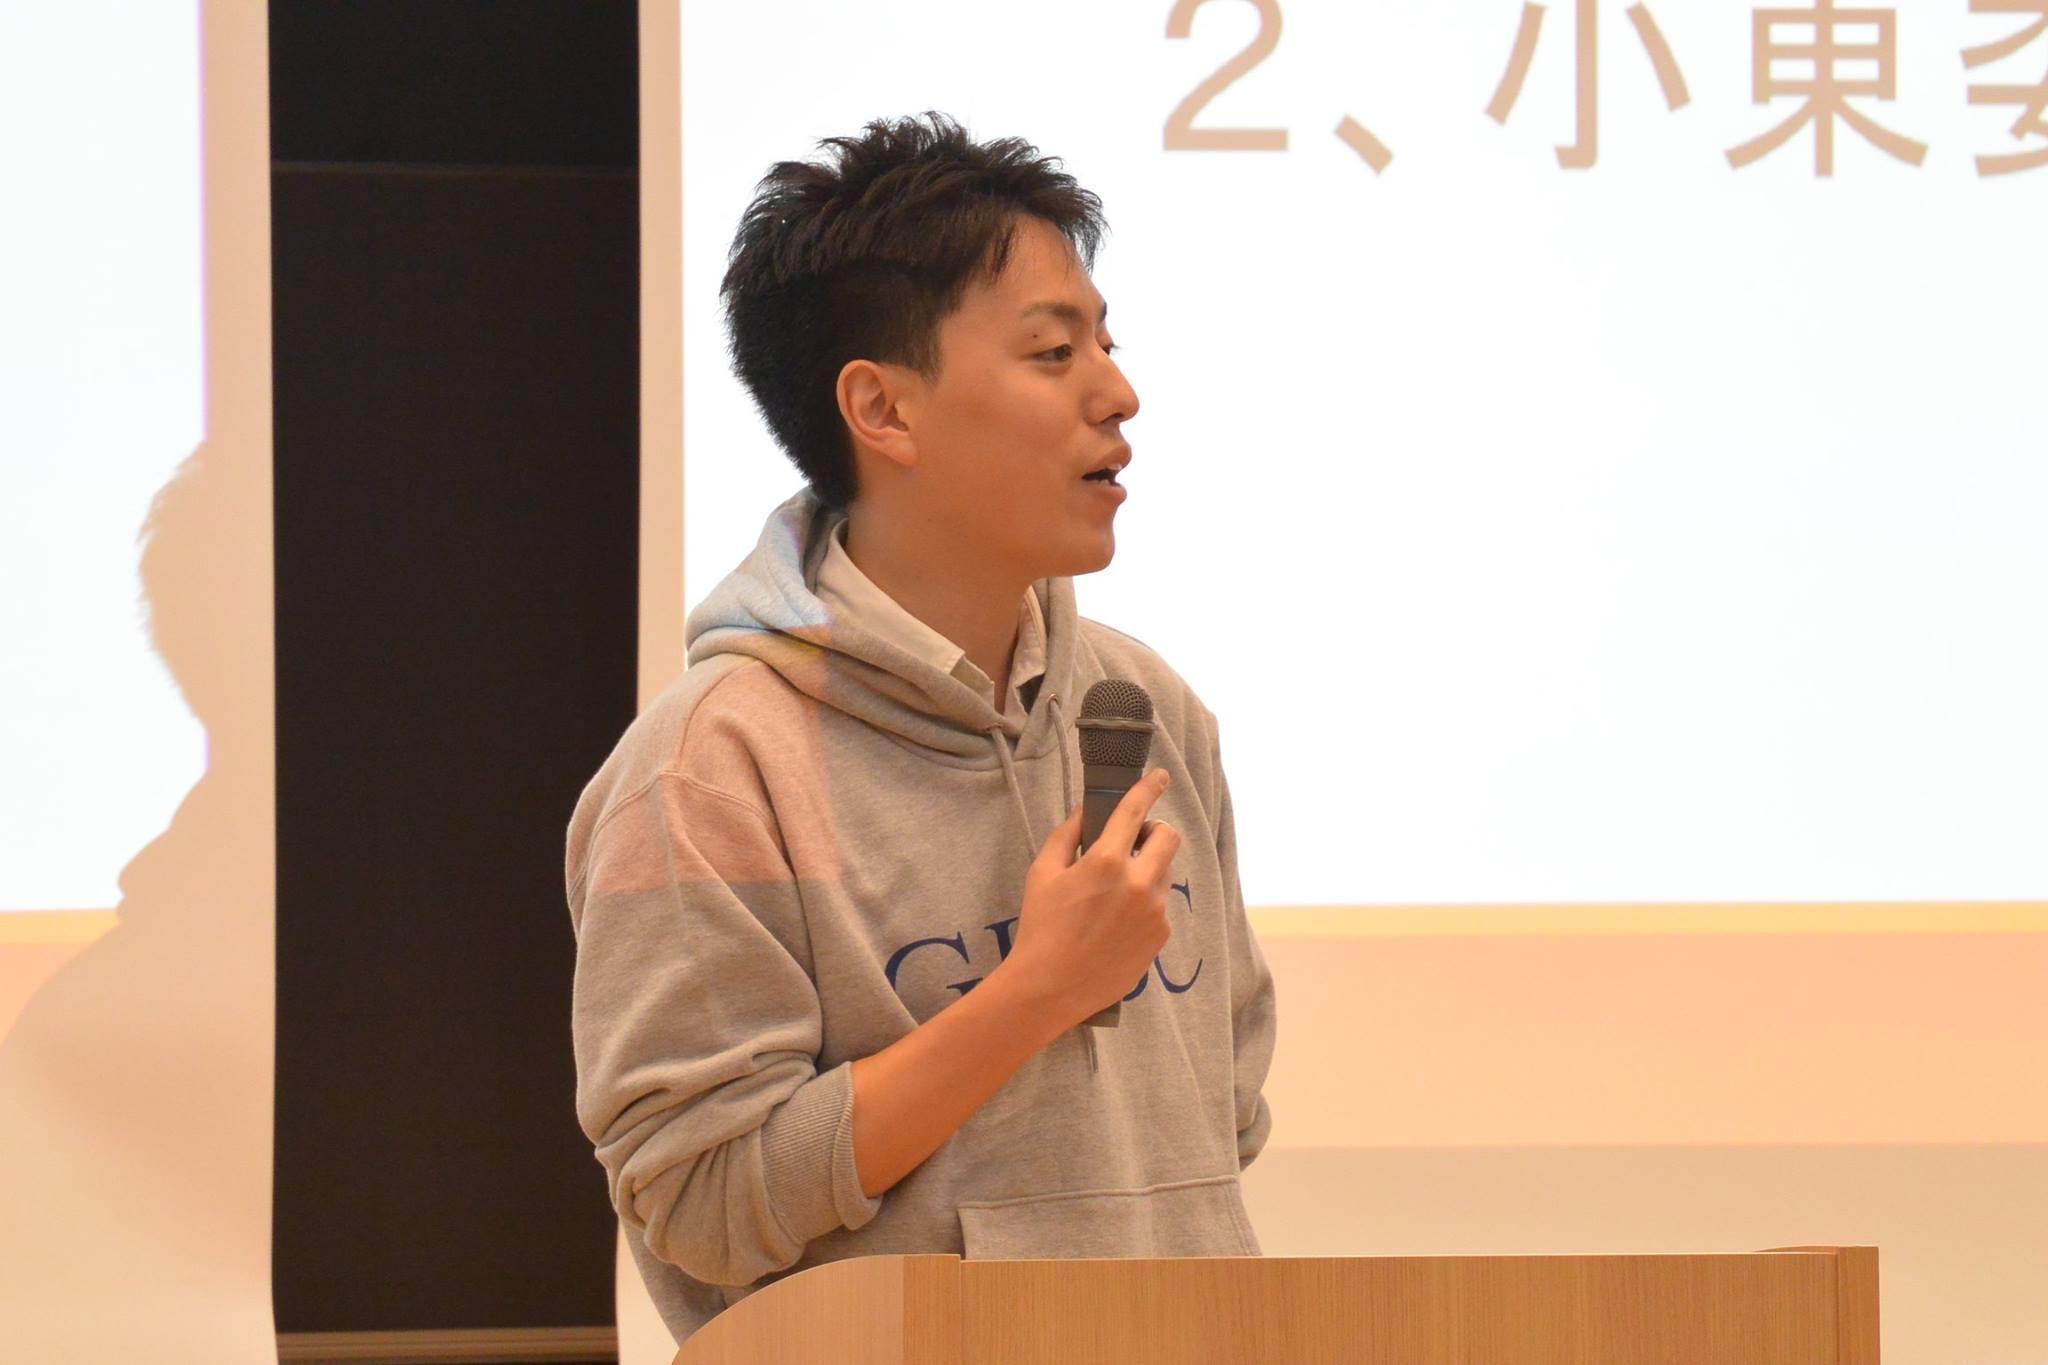 masahito kohigashi